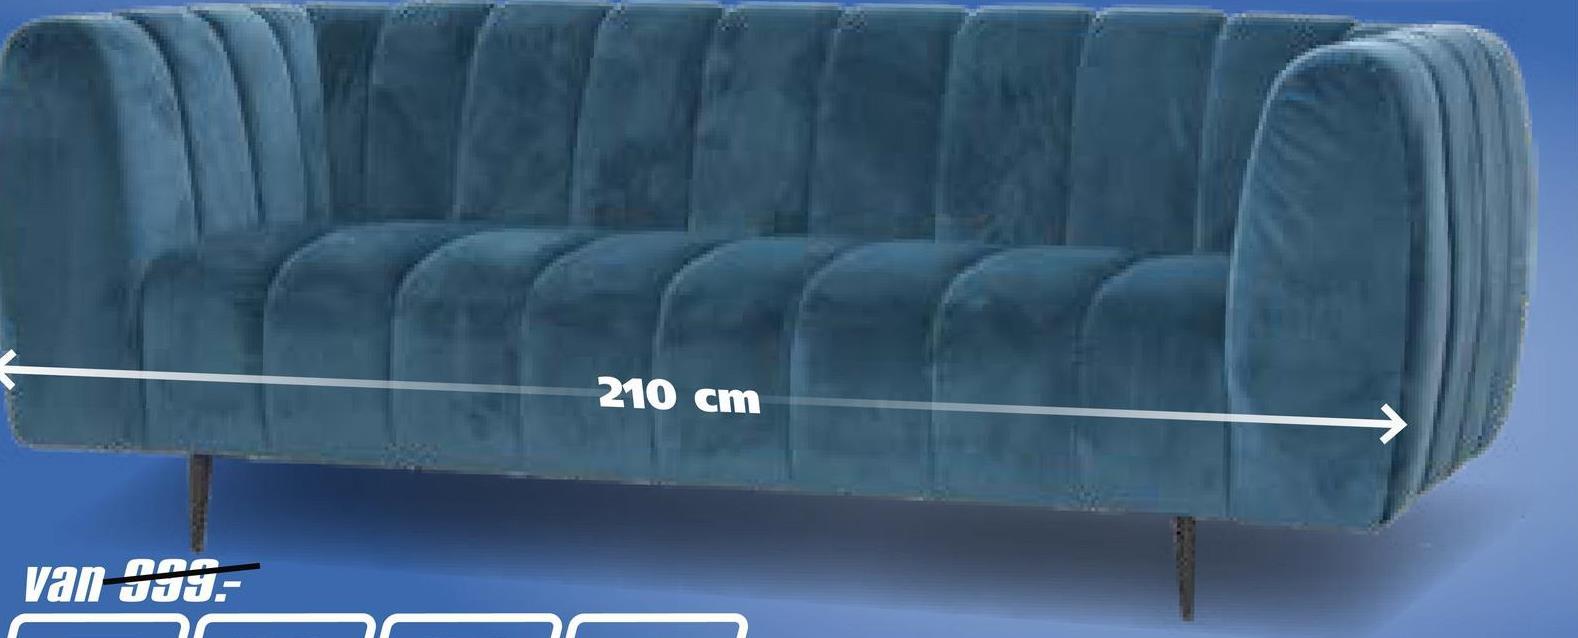 210 cm van 933-